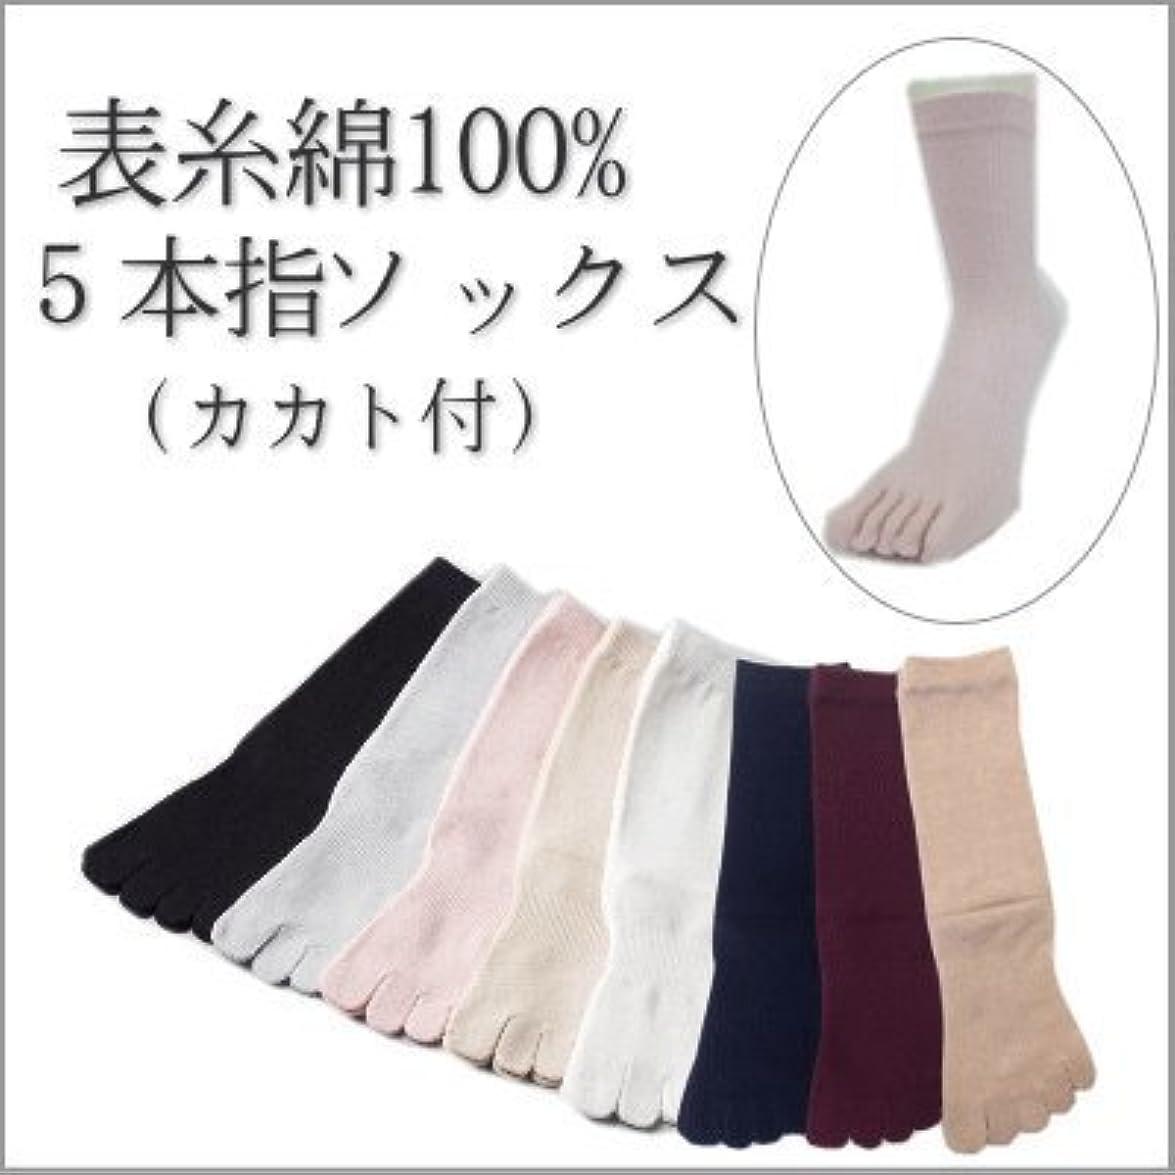 指定する単に時々時々女性用 5本指 ソックス 抗菌防臭 加工 綿100%糸使用 老舗 靴下 メーカーのこだわり 23-25cm 太陽ニット 320(ホワイト)